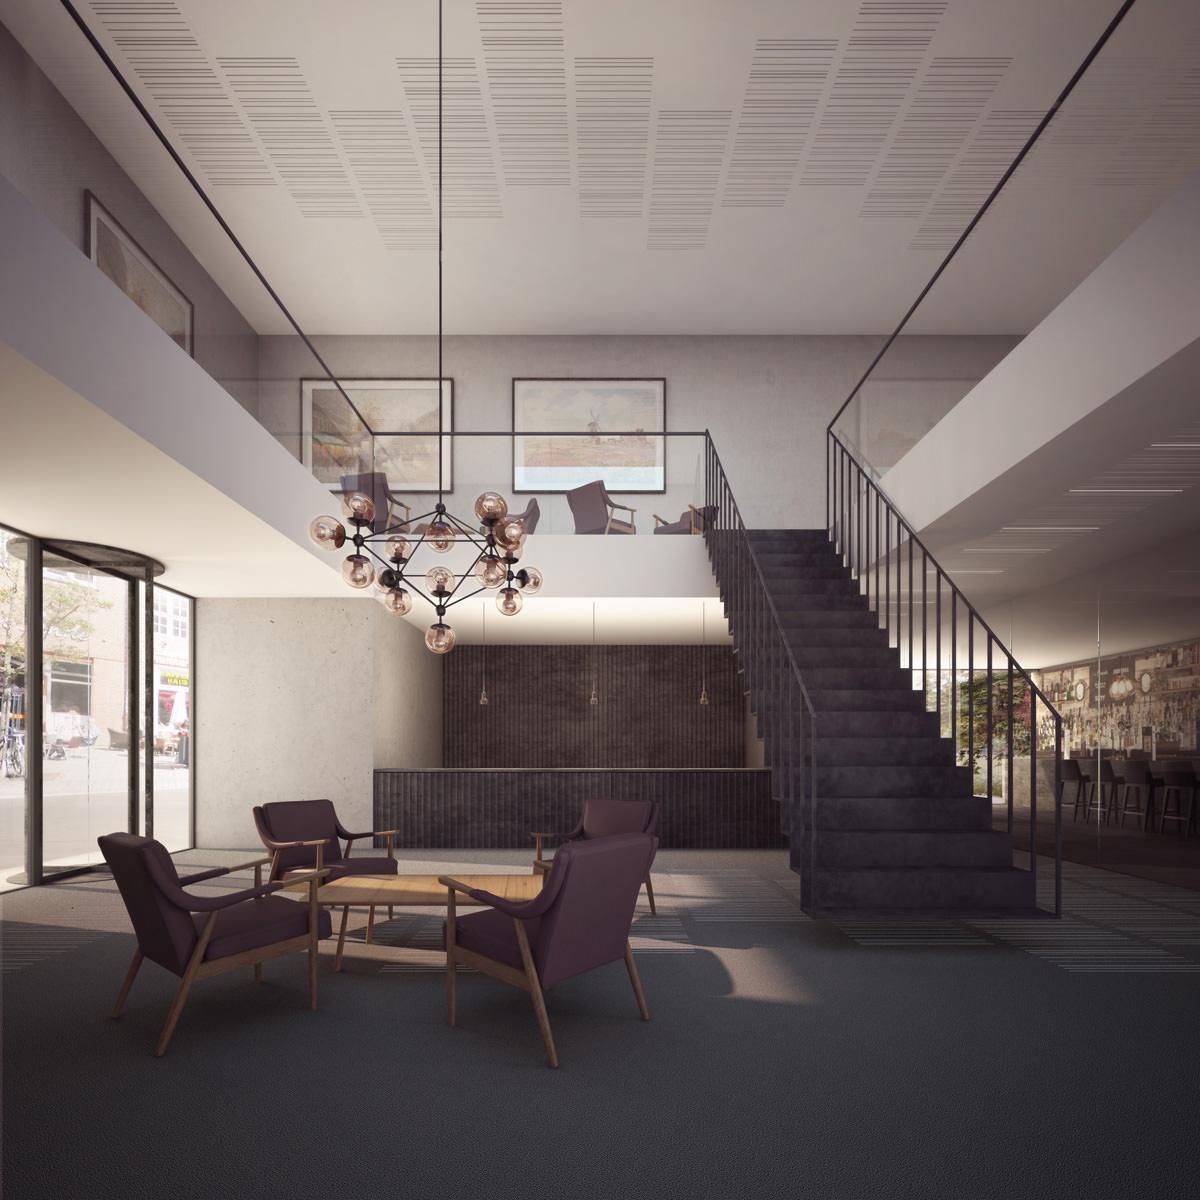 Ege carpet designed by Lars Vejen